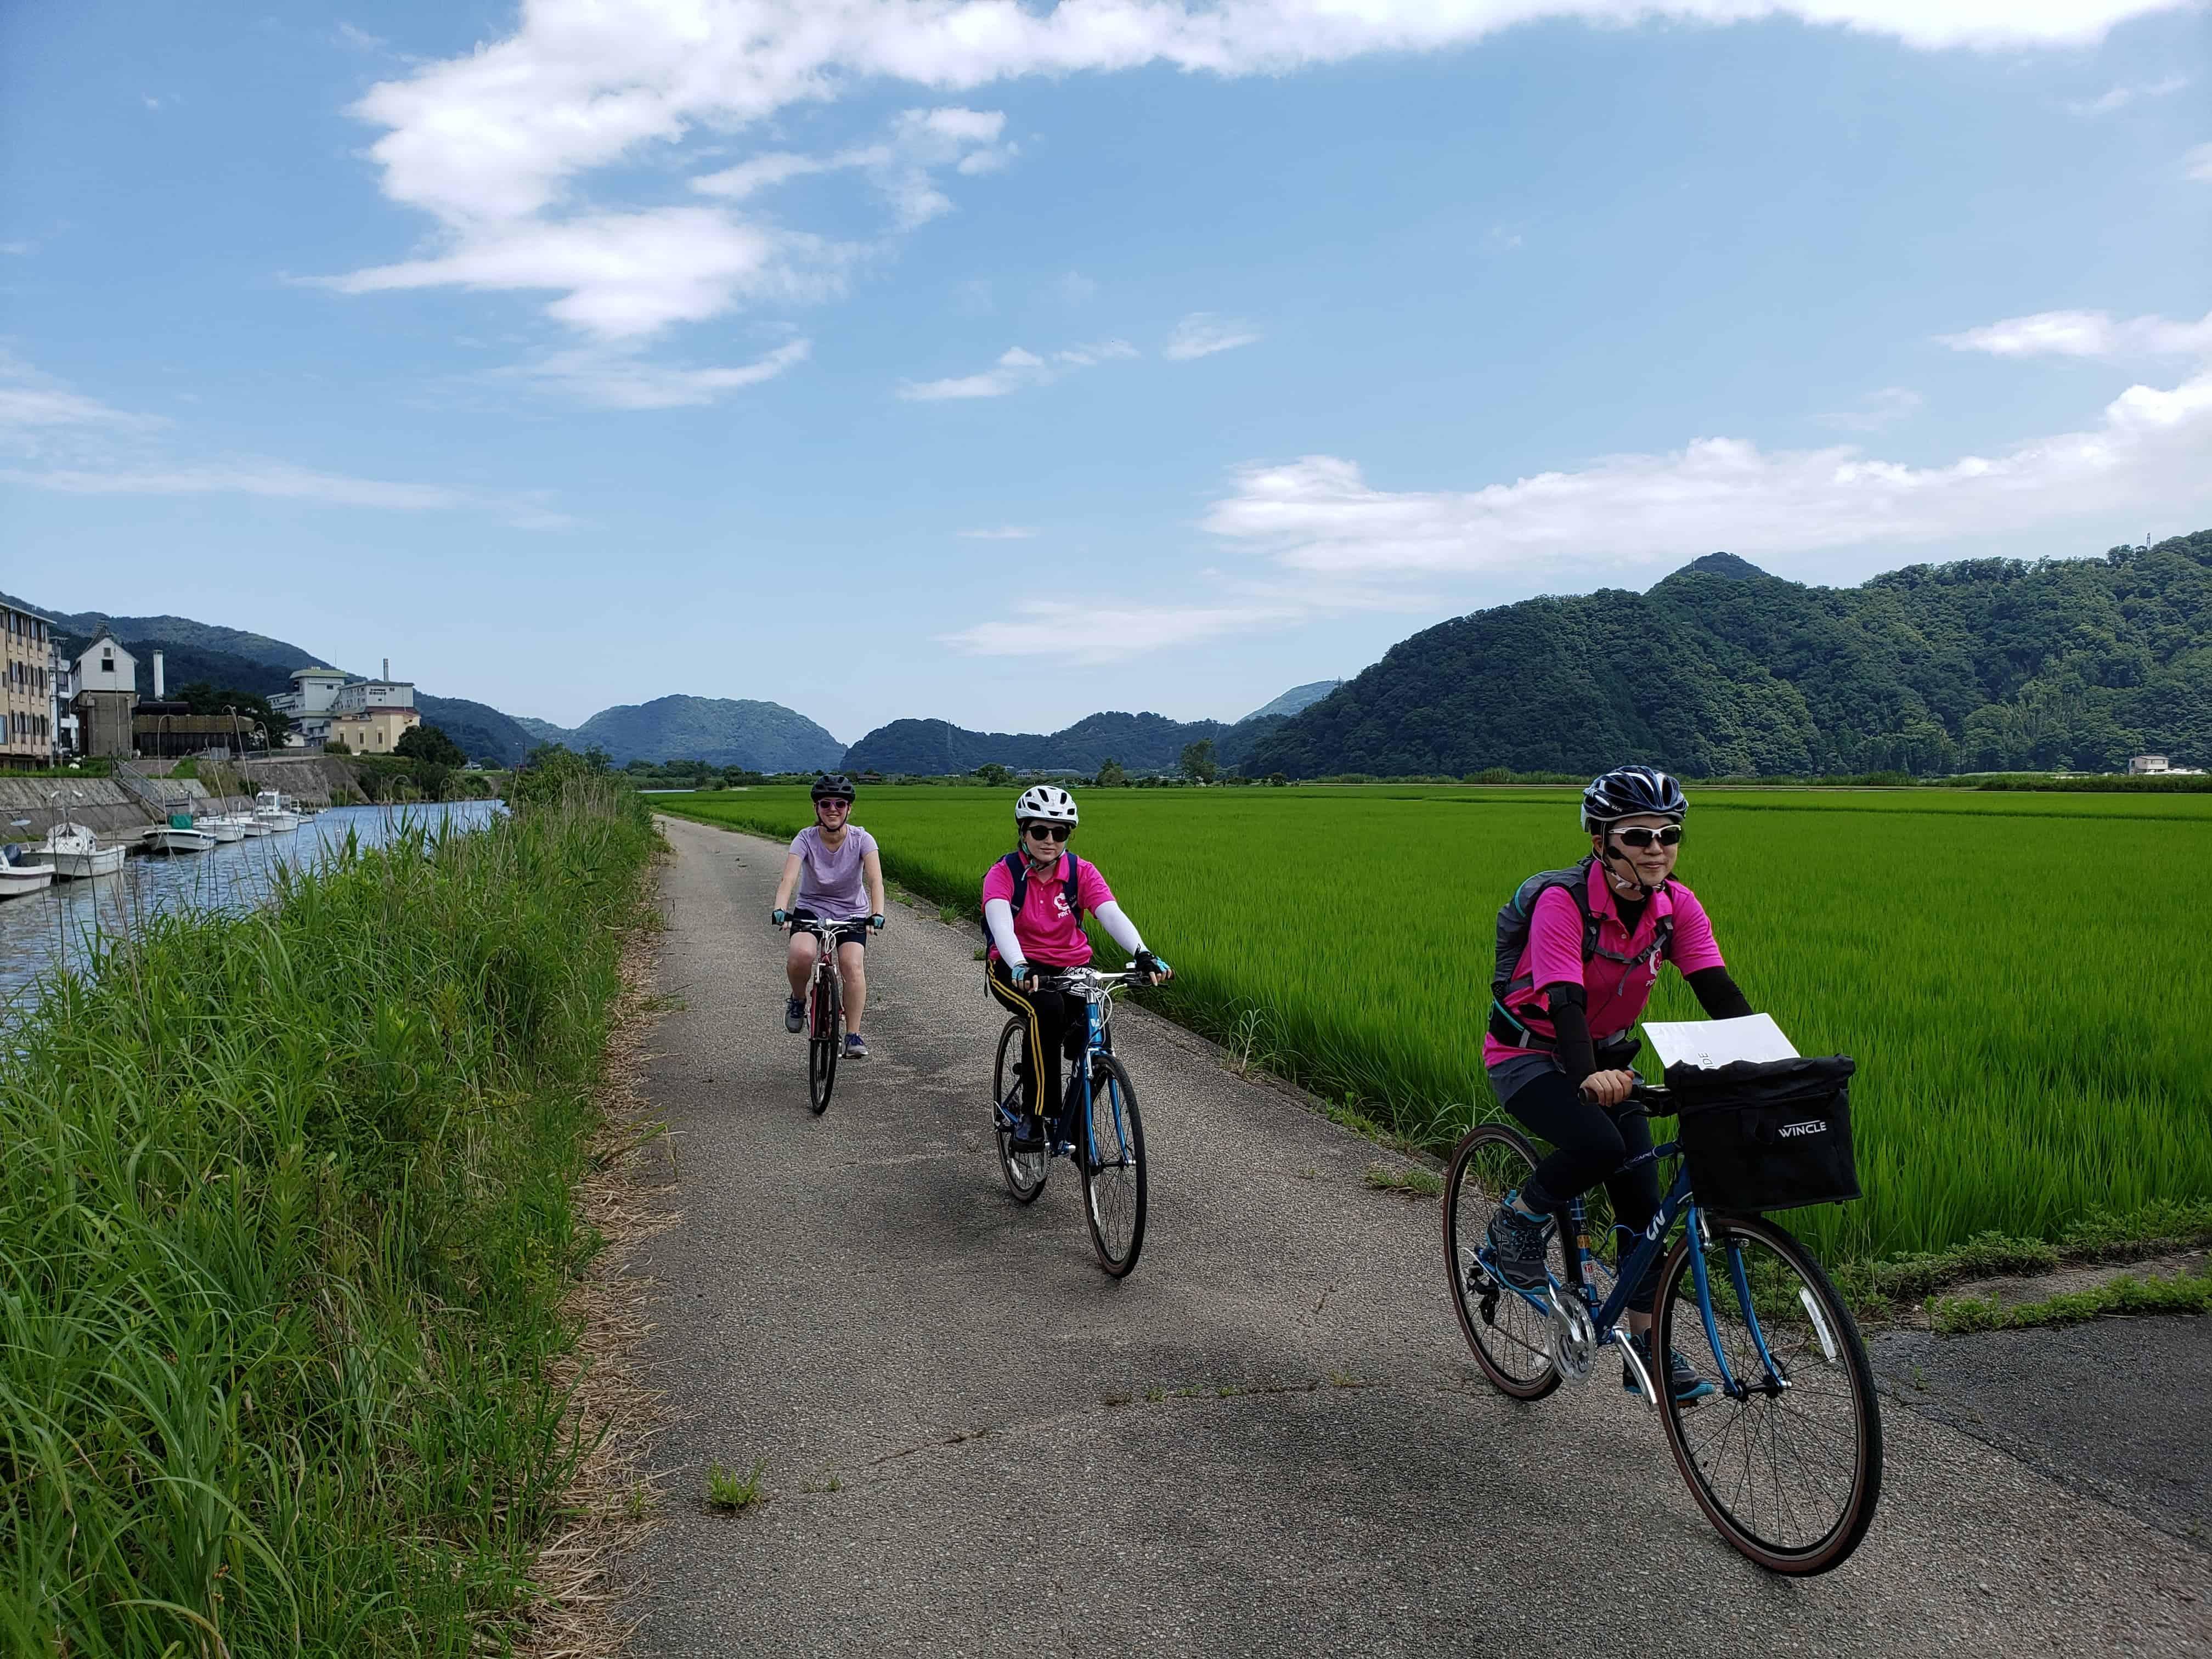 ปั่นจักรยาน ชมวิถีชีวิตและวิวธรรมชาติอันอุดมสมบูรณ์ที่ คิโนะซากิออนเซ็น